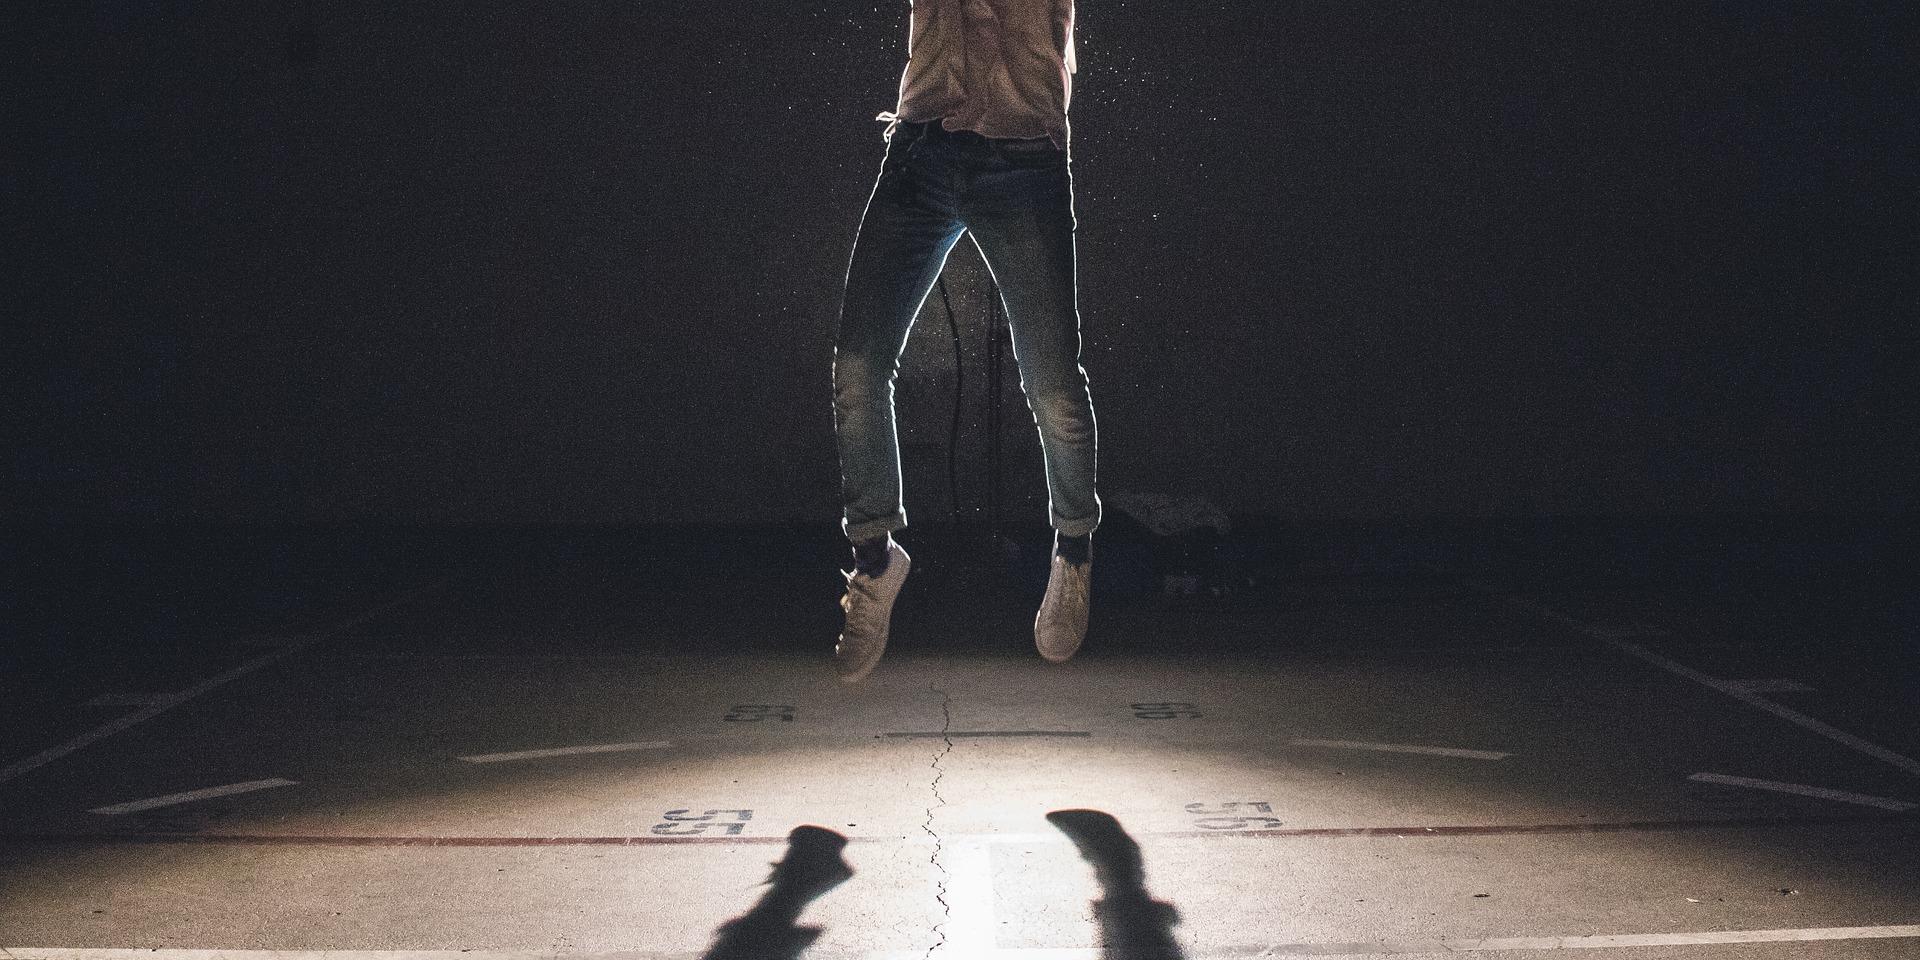 ジャンプする人-自己回復力の高い人